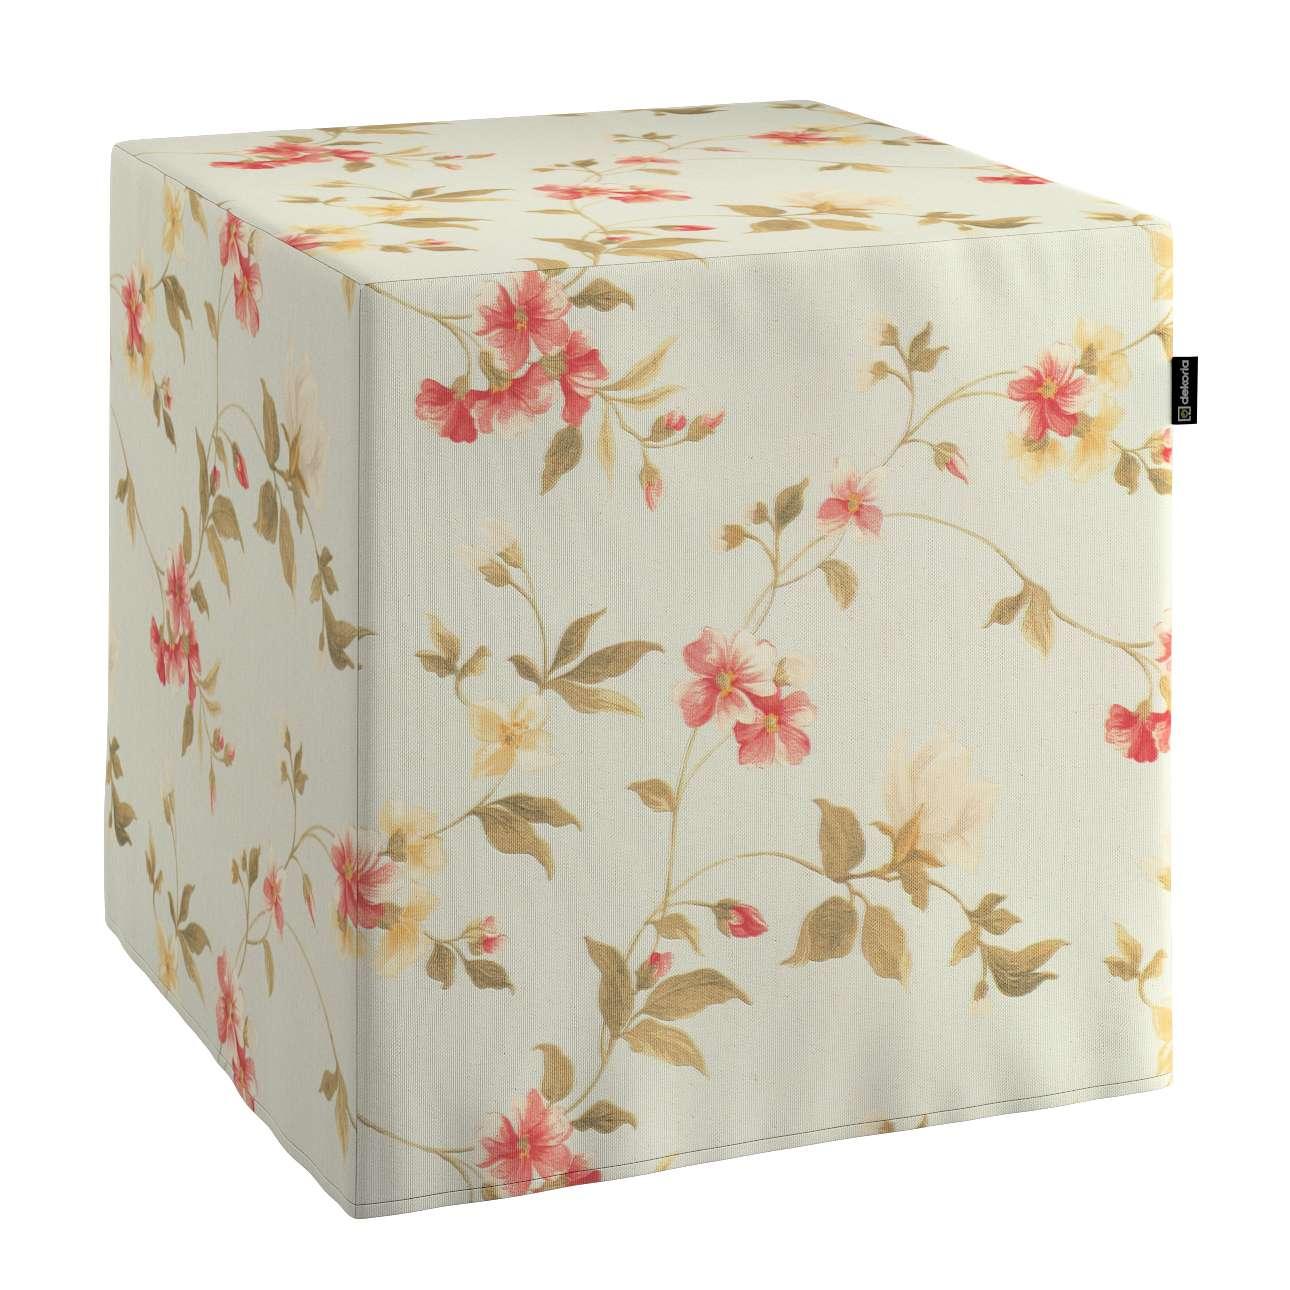 Pokrowiec na pufę kostke kostka 40x40x40 cm w kolekcji Londres, tkanina: 124-65